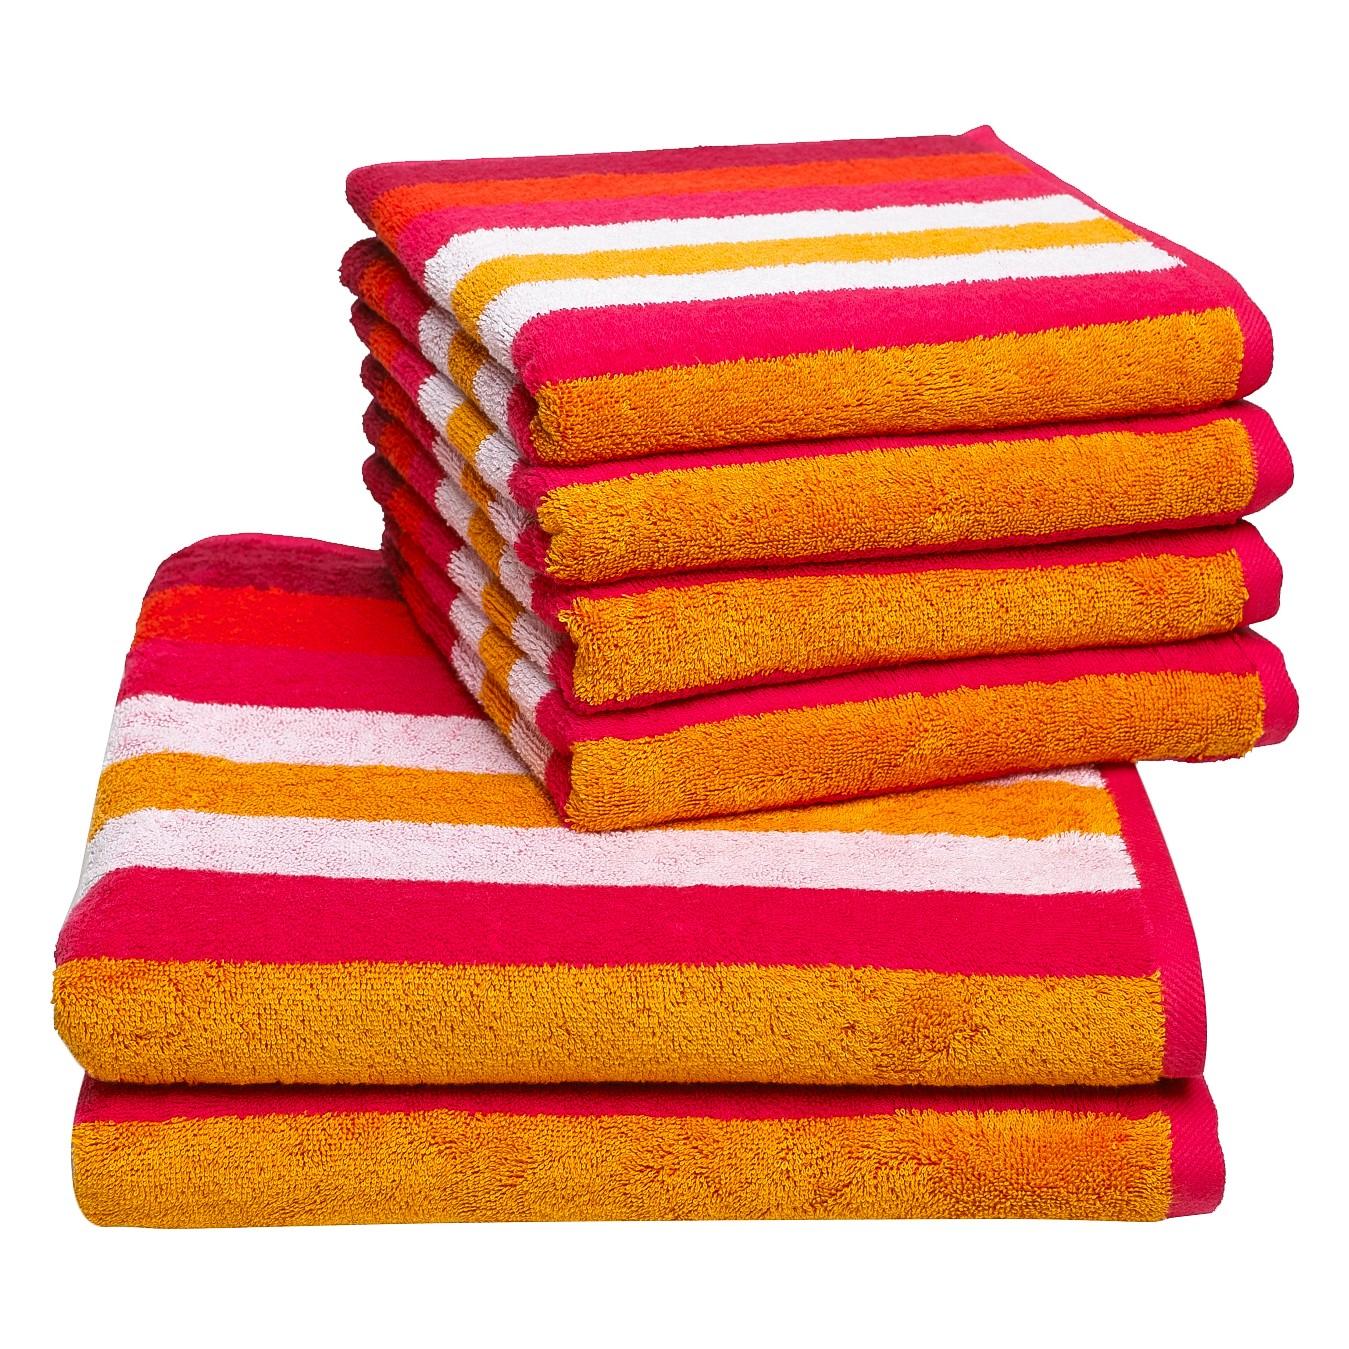 Handdoeken Sisco (6-delige set) - katoen - Rood, Vestio